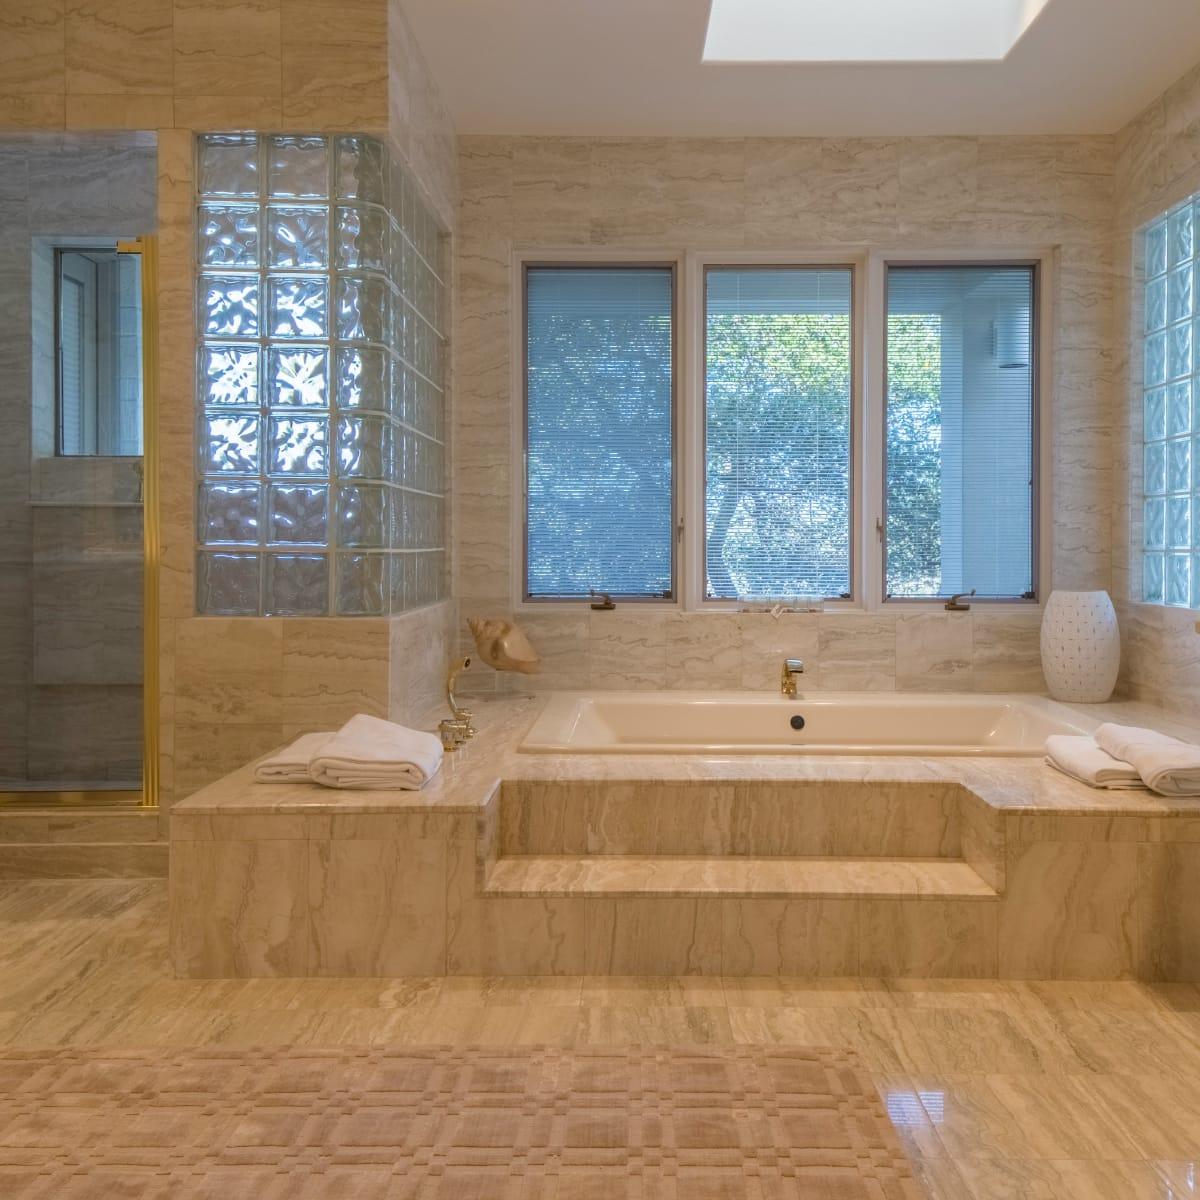 26100 Countryside Austin house for sale bathroom